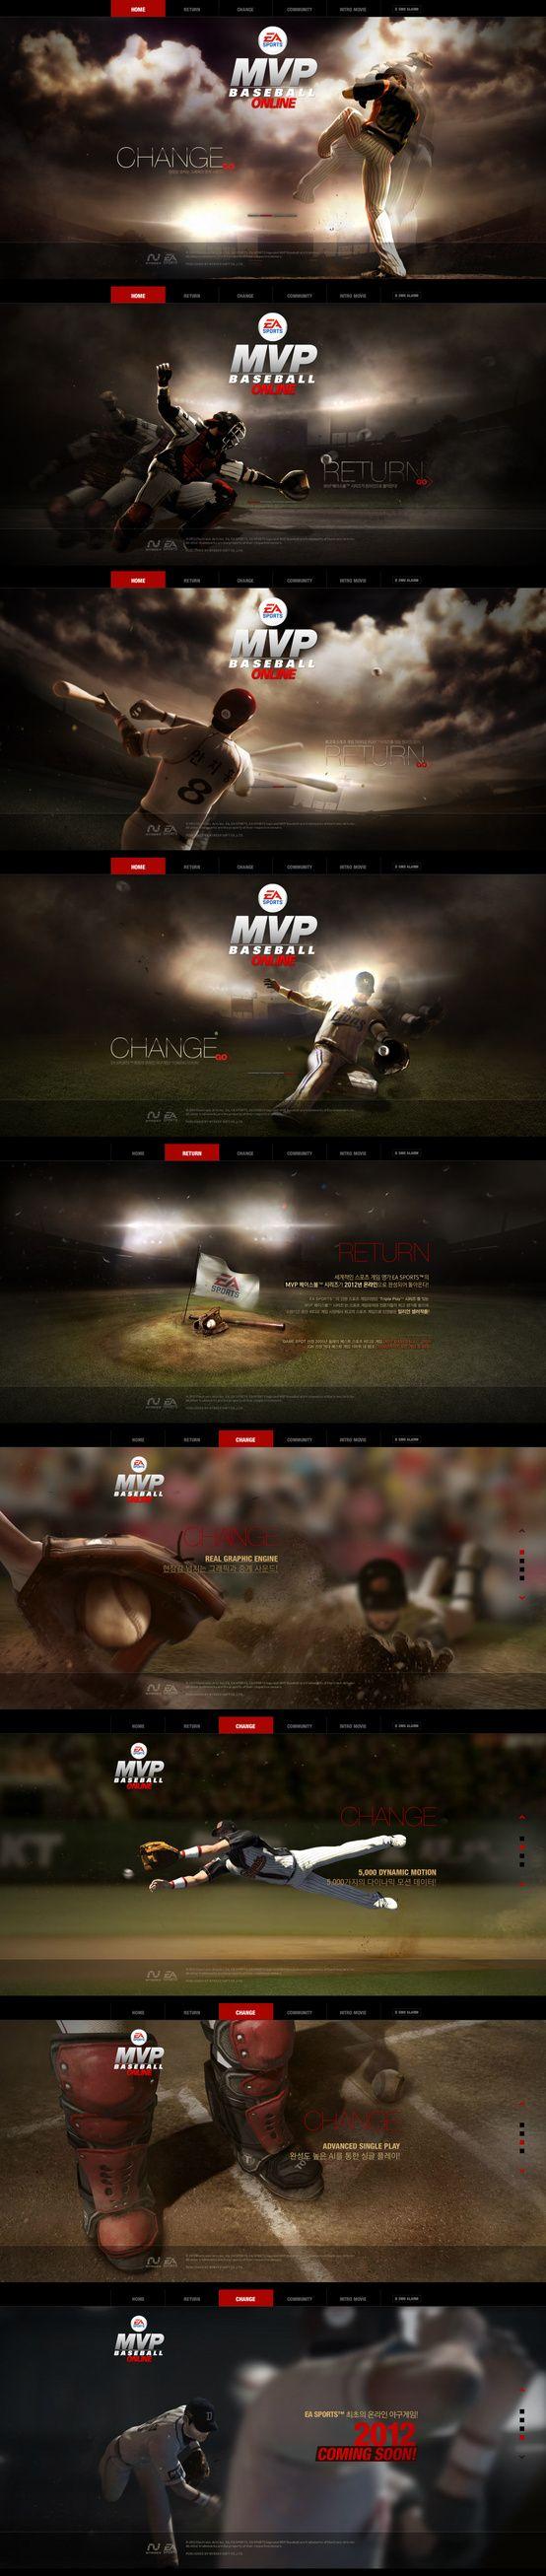 Cool Web Design on the Internet, MVP. #webdesign #webdevelopment #website @ http://www.pinterest.com/alfredchong/web-design/